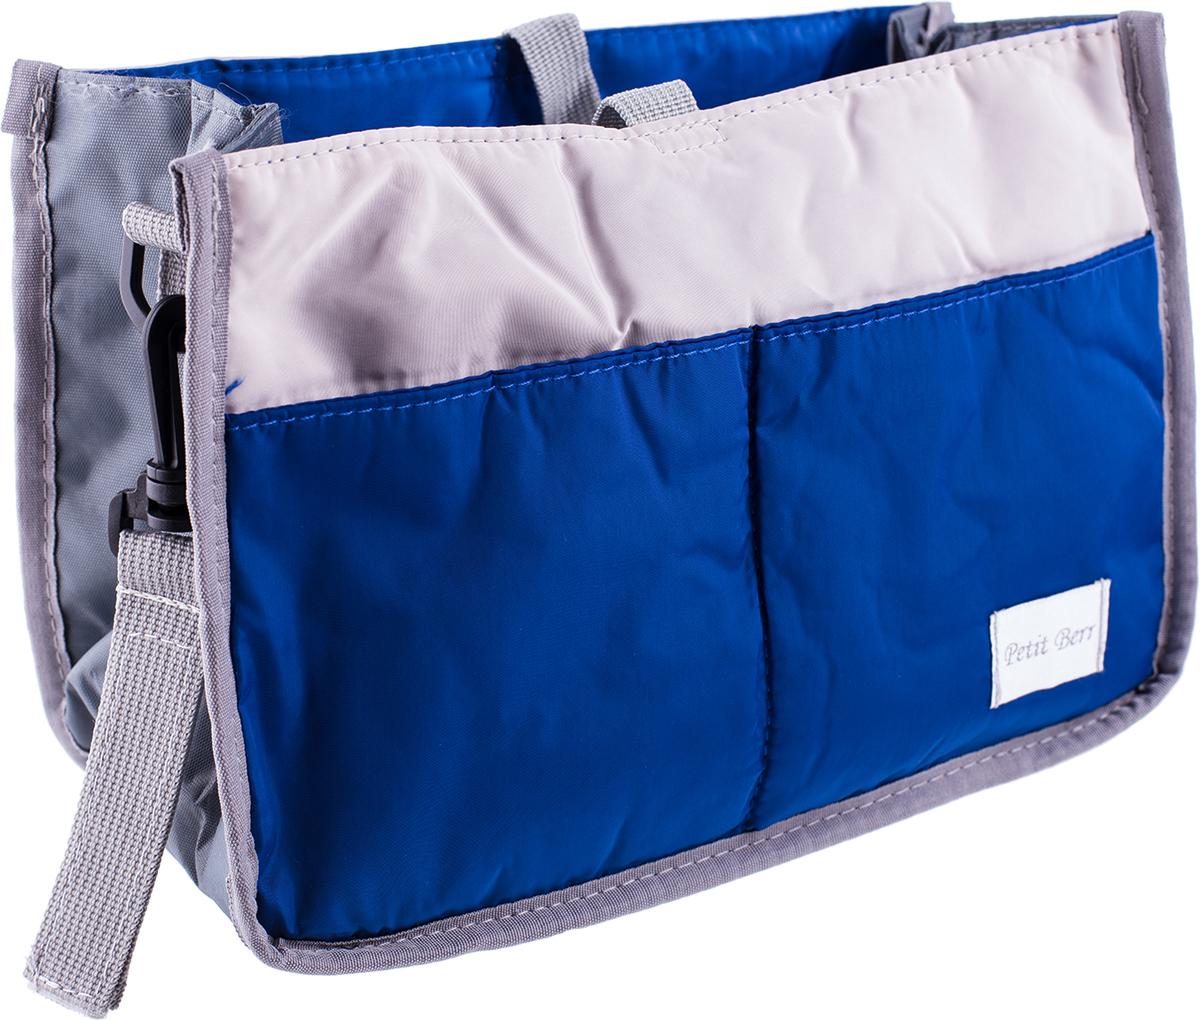 Сумка-органайзер Homsu Basic, на коляску, цвет: синий, 30 х 15 х 20 смHOM-938Яркая синяя сумка позволит вам взять с собой все необходимые вещи для прогулок с ребенком. Сумка имеет несколько отделений и крепится к ручке коляски.